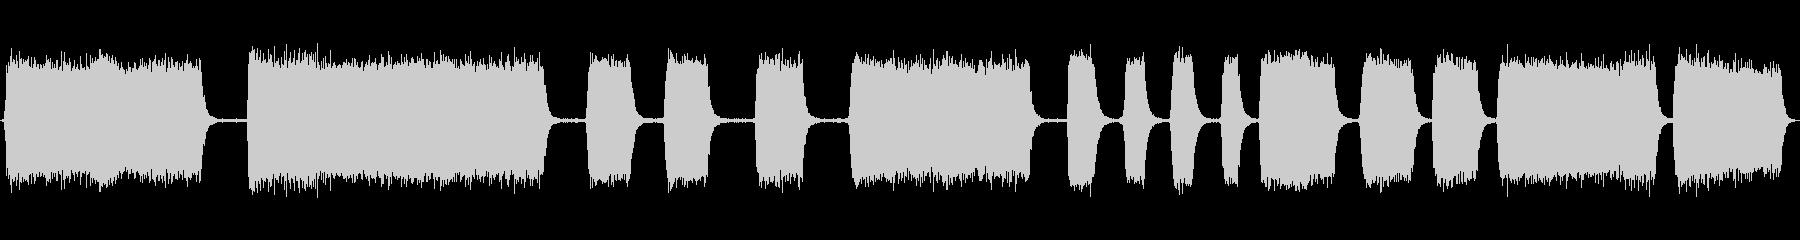 プロフェッショナルスプレーガン:ス...の未再生の波形